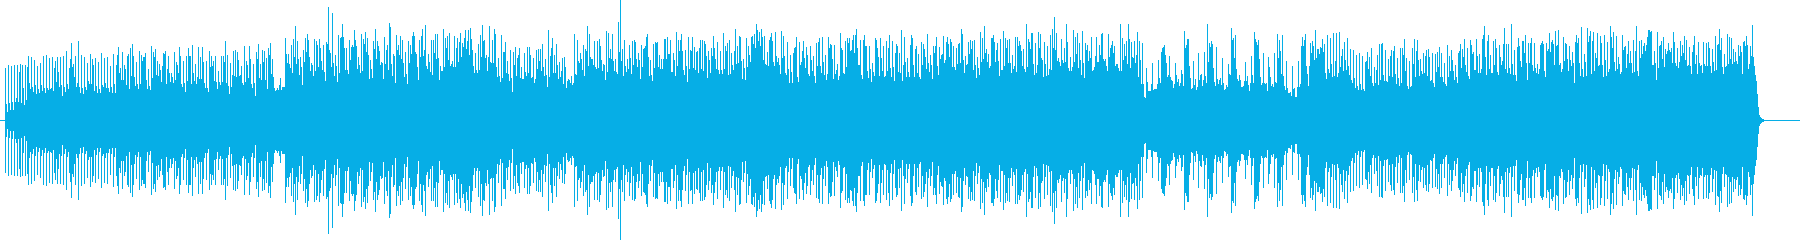 緊張感、緊迫感のあるバトルBGMの再生済みの波形